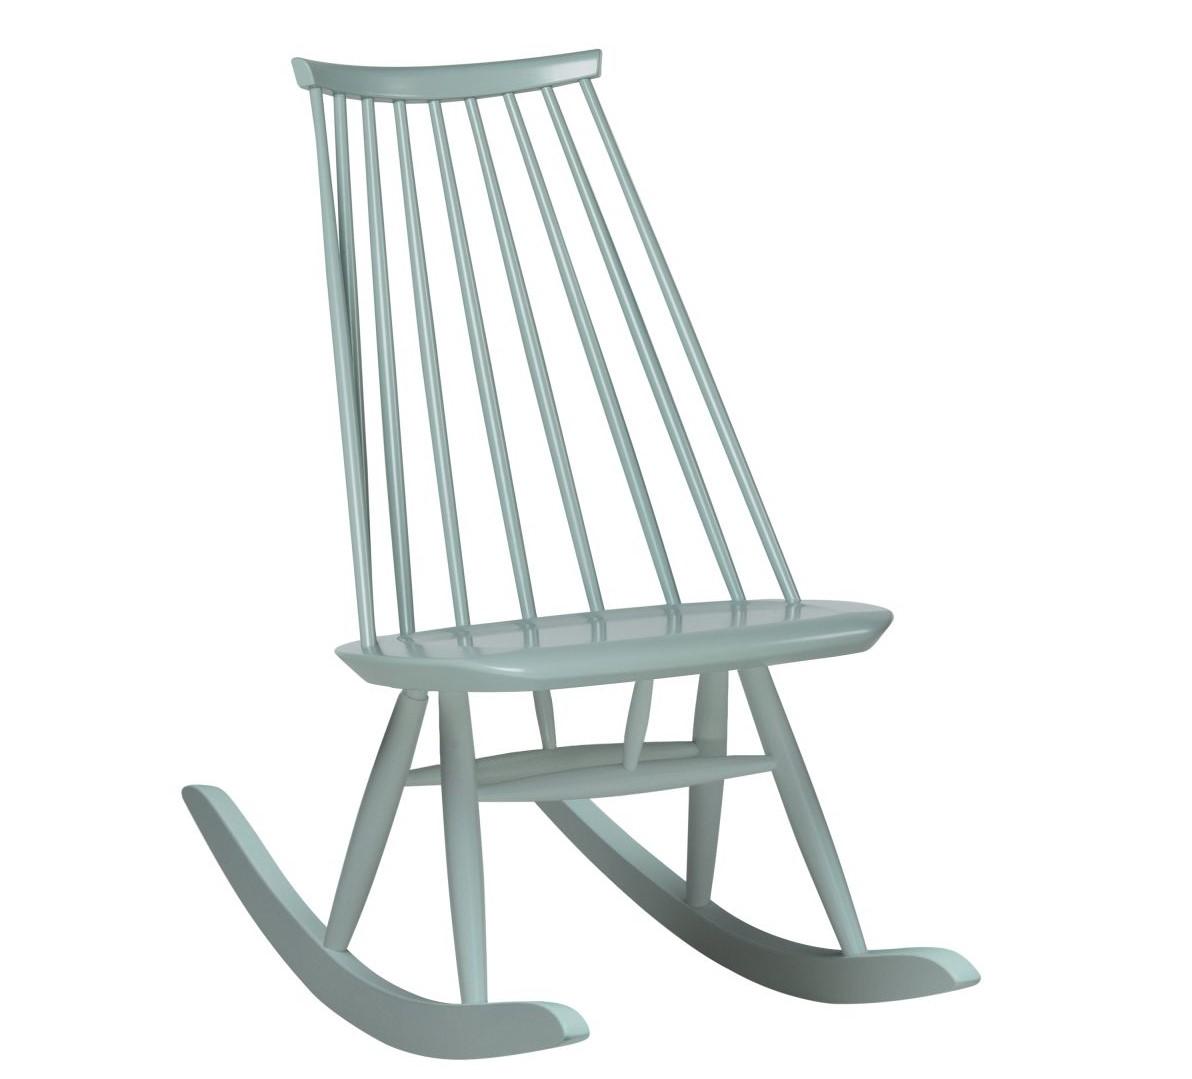 Bimba su sedia a dondolo in resina dipinta con bambola in braccio. Sedie A Dondolo Di Design Le Mie Preferite Dieci Quattro Architettura